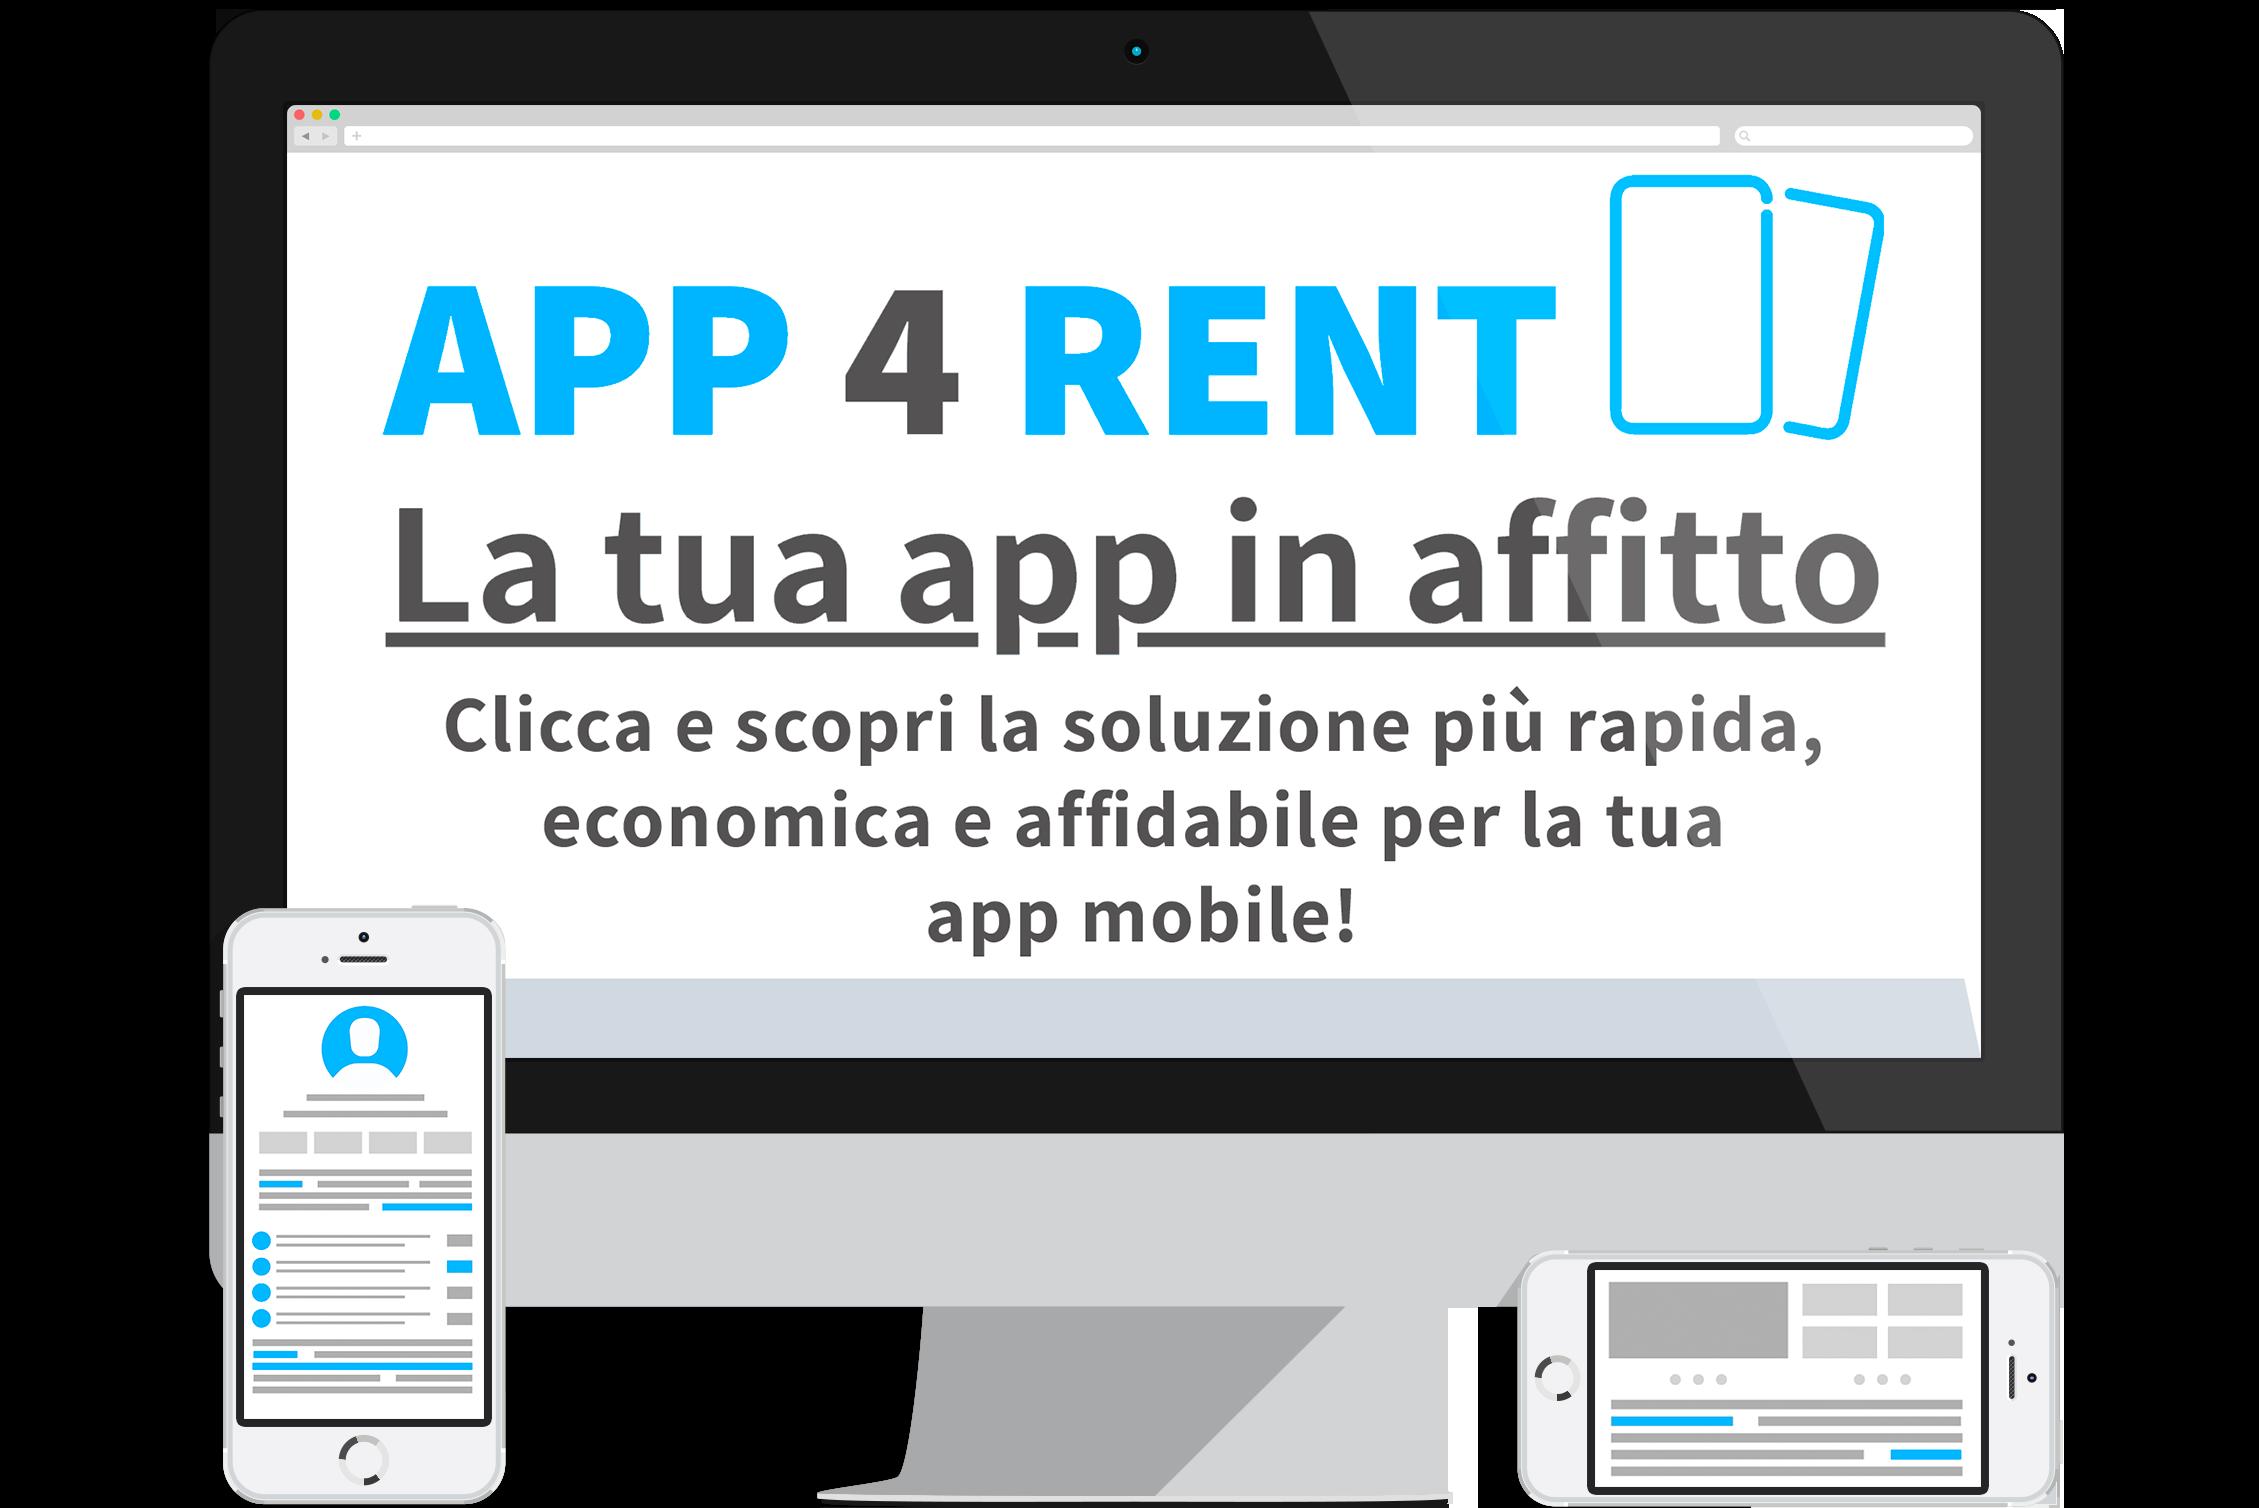 app4rent